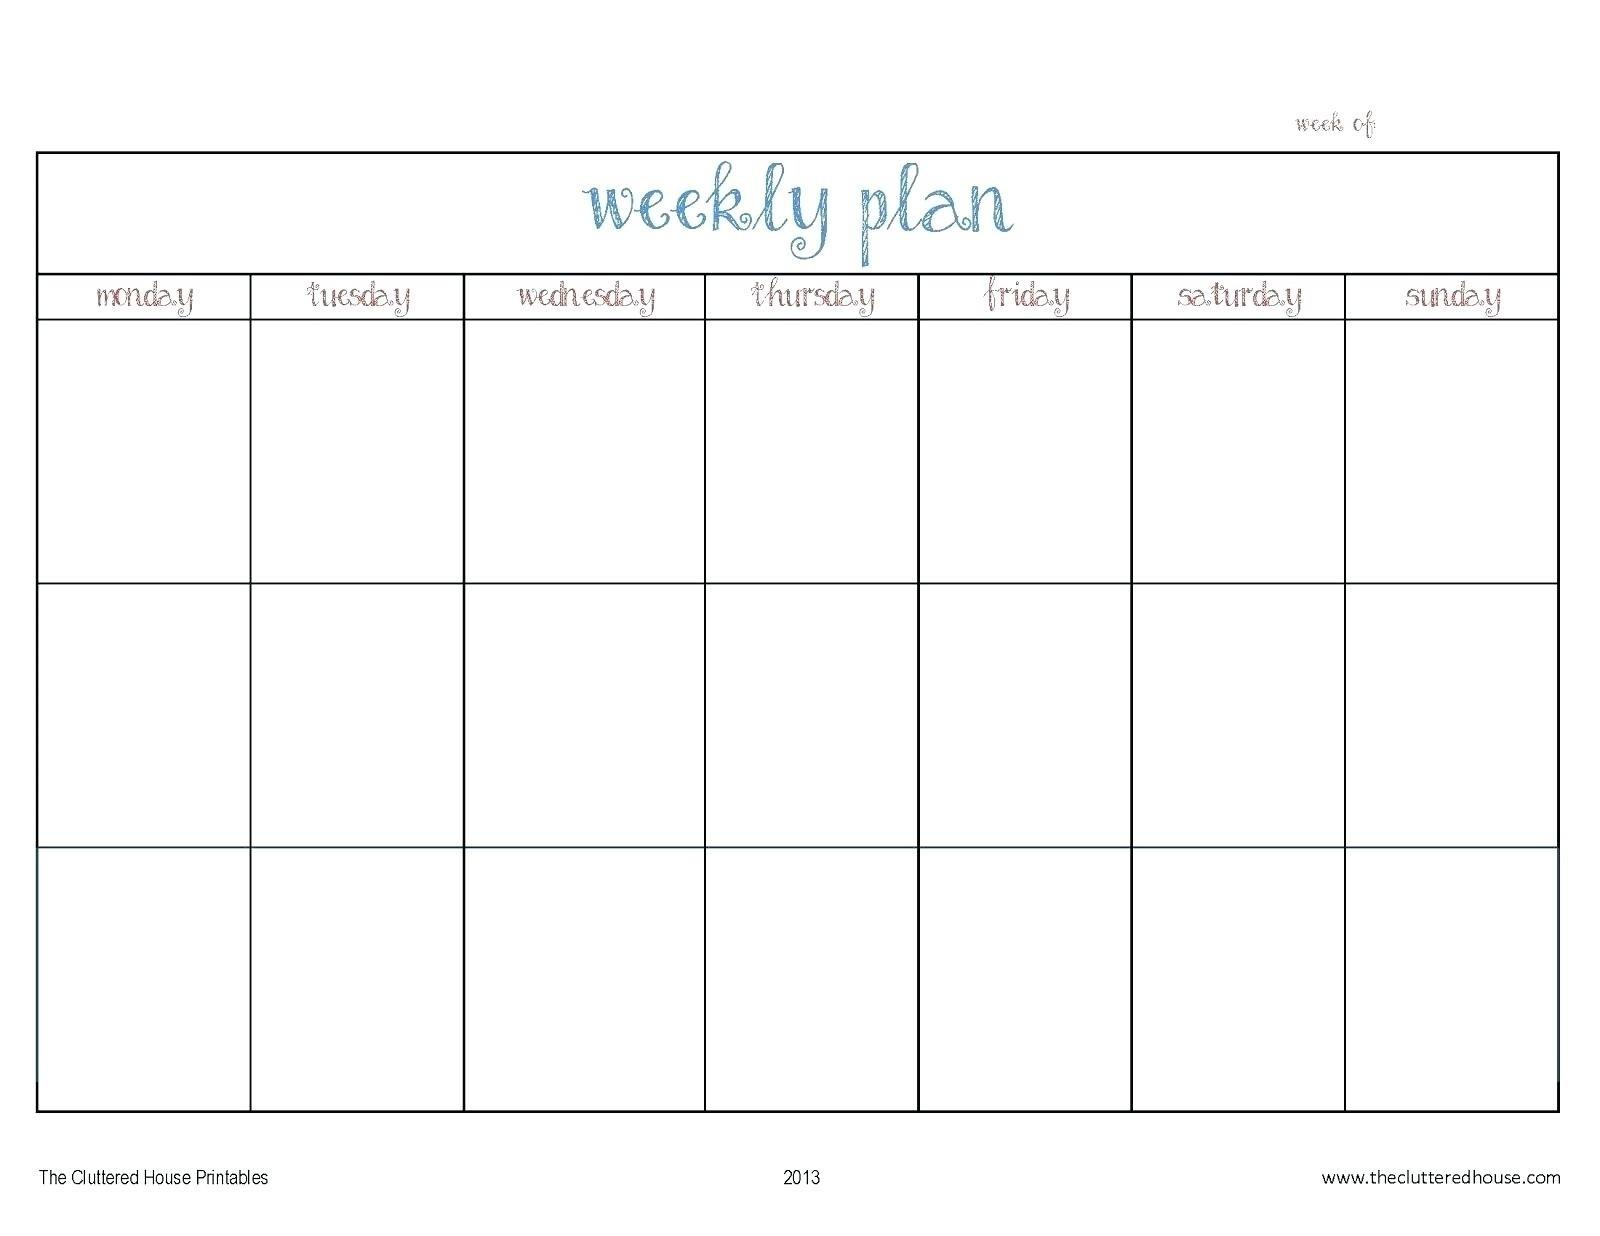 Calendar Template Monday Through Friday • Printable Blank-Monday Through Friday Template